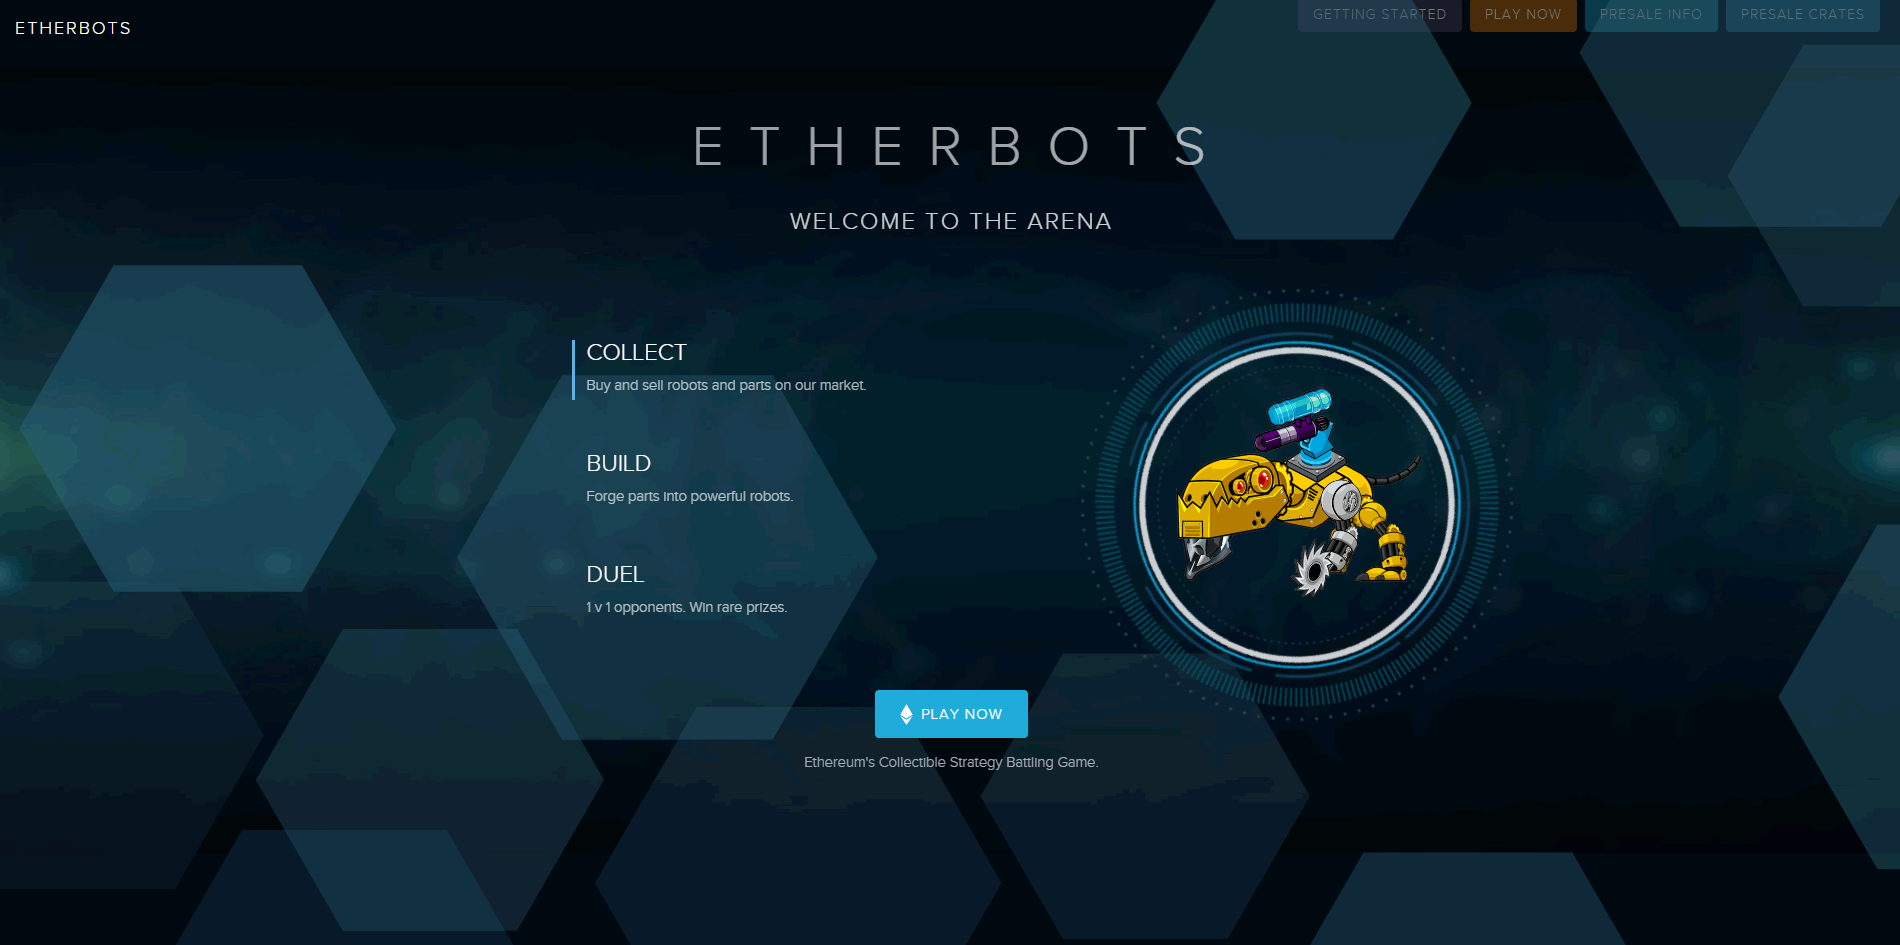 イーサリアムでロボット育成バトル!DApps「ETHERBOTS(イーサボット)」の特徴と遊び方は?